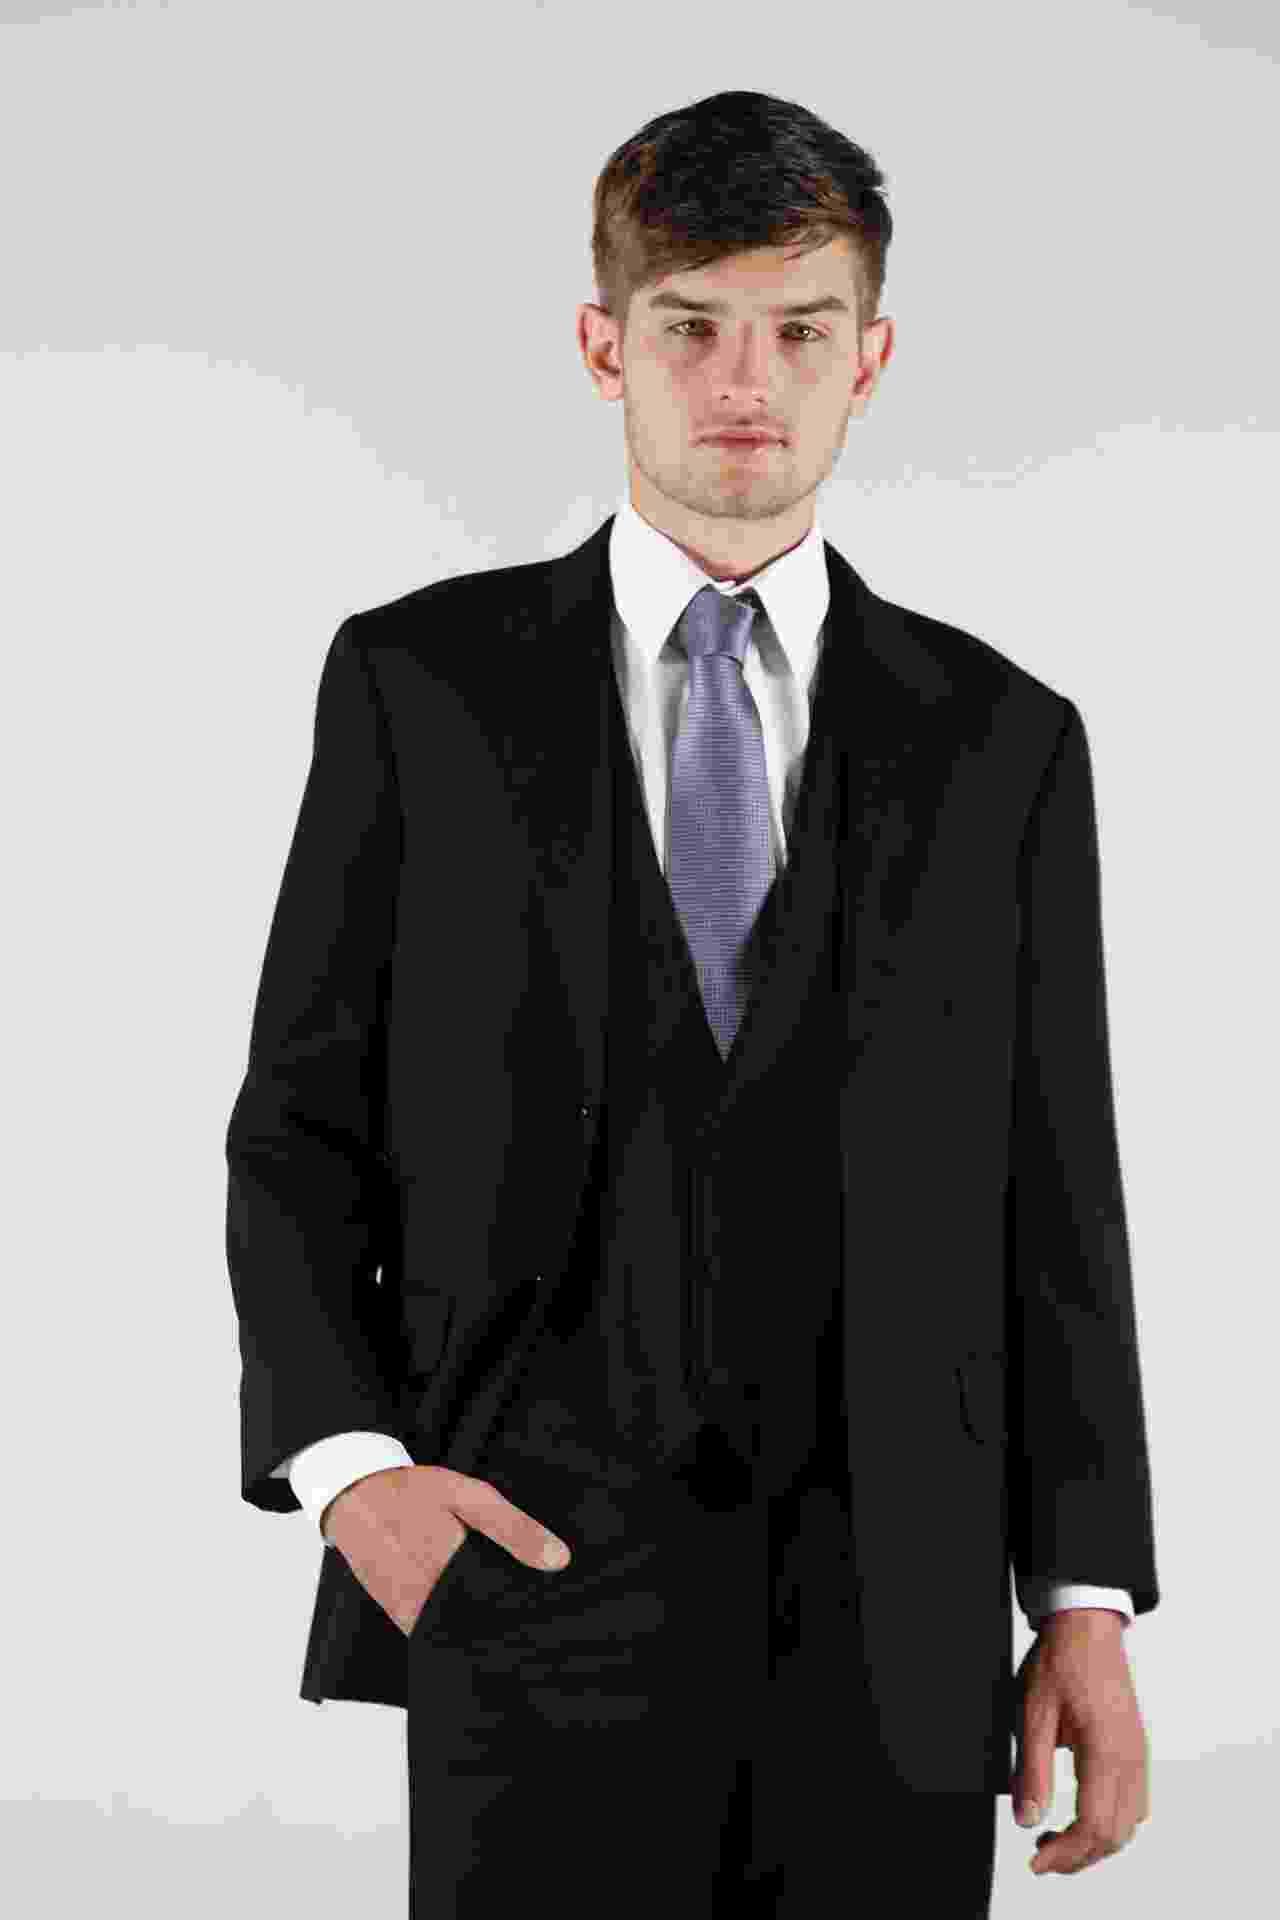 O terno usado no dia do seu casamento não precisa ser apenas uma memória guardada no armário. Você pode usá-lo desmembrado em looks para o dia a dia. A seguir, veja como usar a calça, o colete, o blazer e a camisa do seu terno em diferentes visuais casuais - Reinaldo Canato/UOL